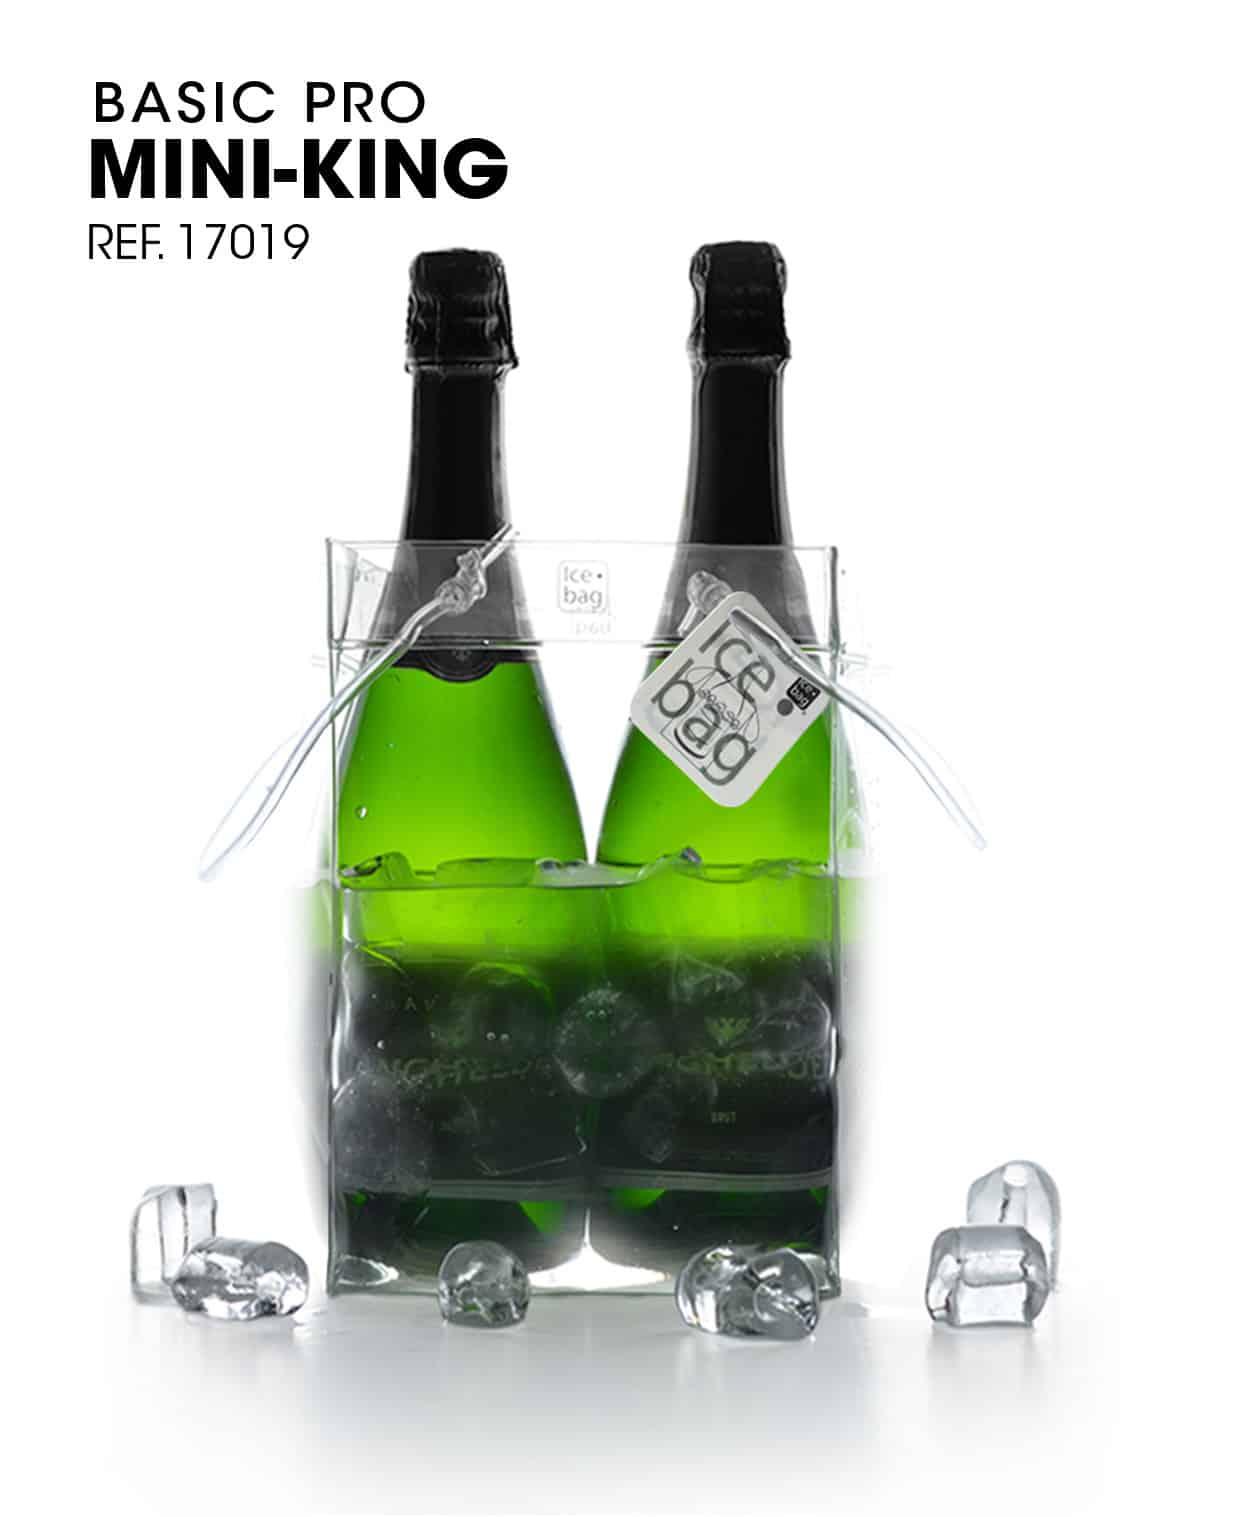 Sac à glaçon Basic Pro Mini-King